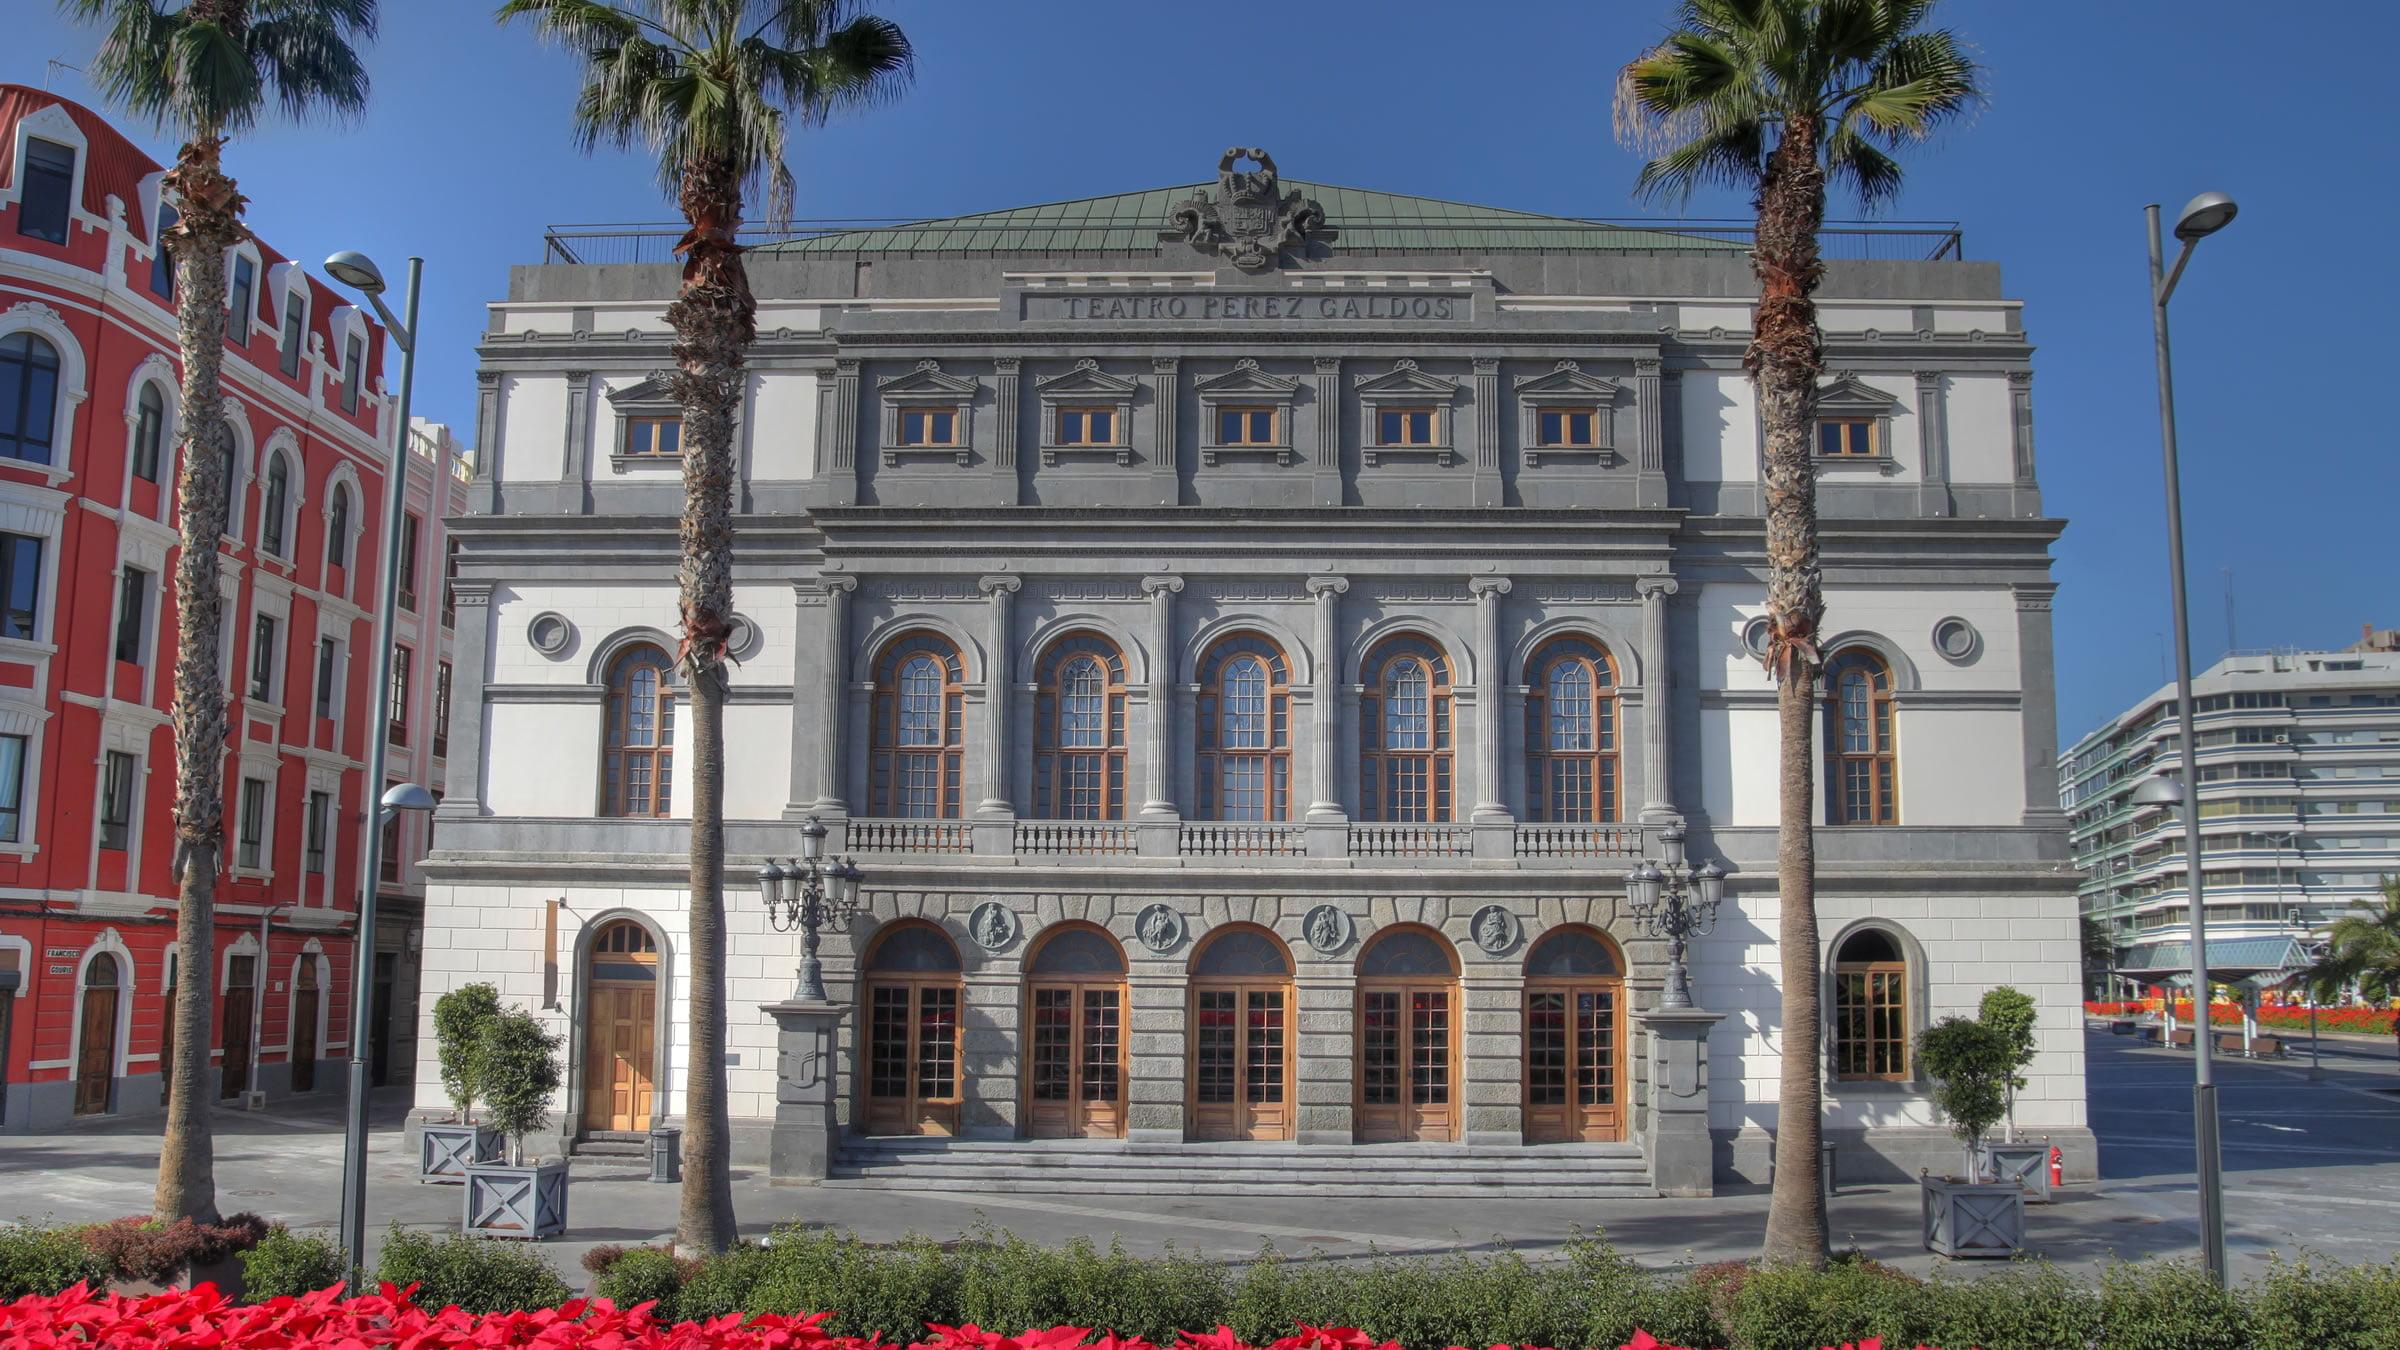 Teatro p rez gald s las palmas de gran canaria espa a for Arquitectura las palmas